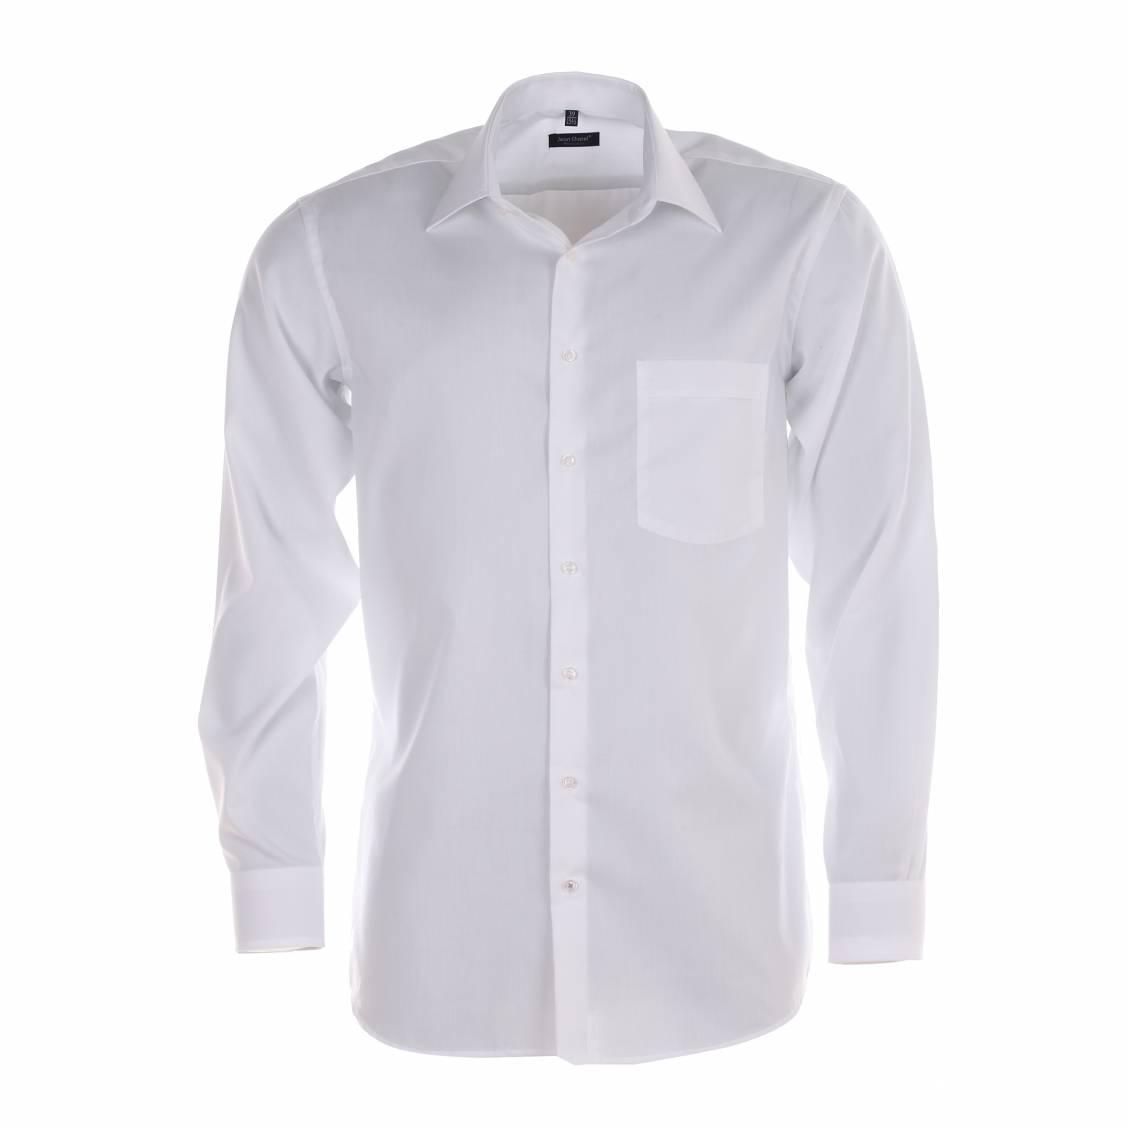 chemise homme sans repassage jean chatel paris chambray blanche rue des hommes. Black Bedroom Furniture Sets. Home Design Ideas